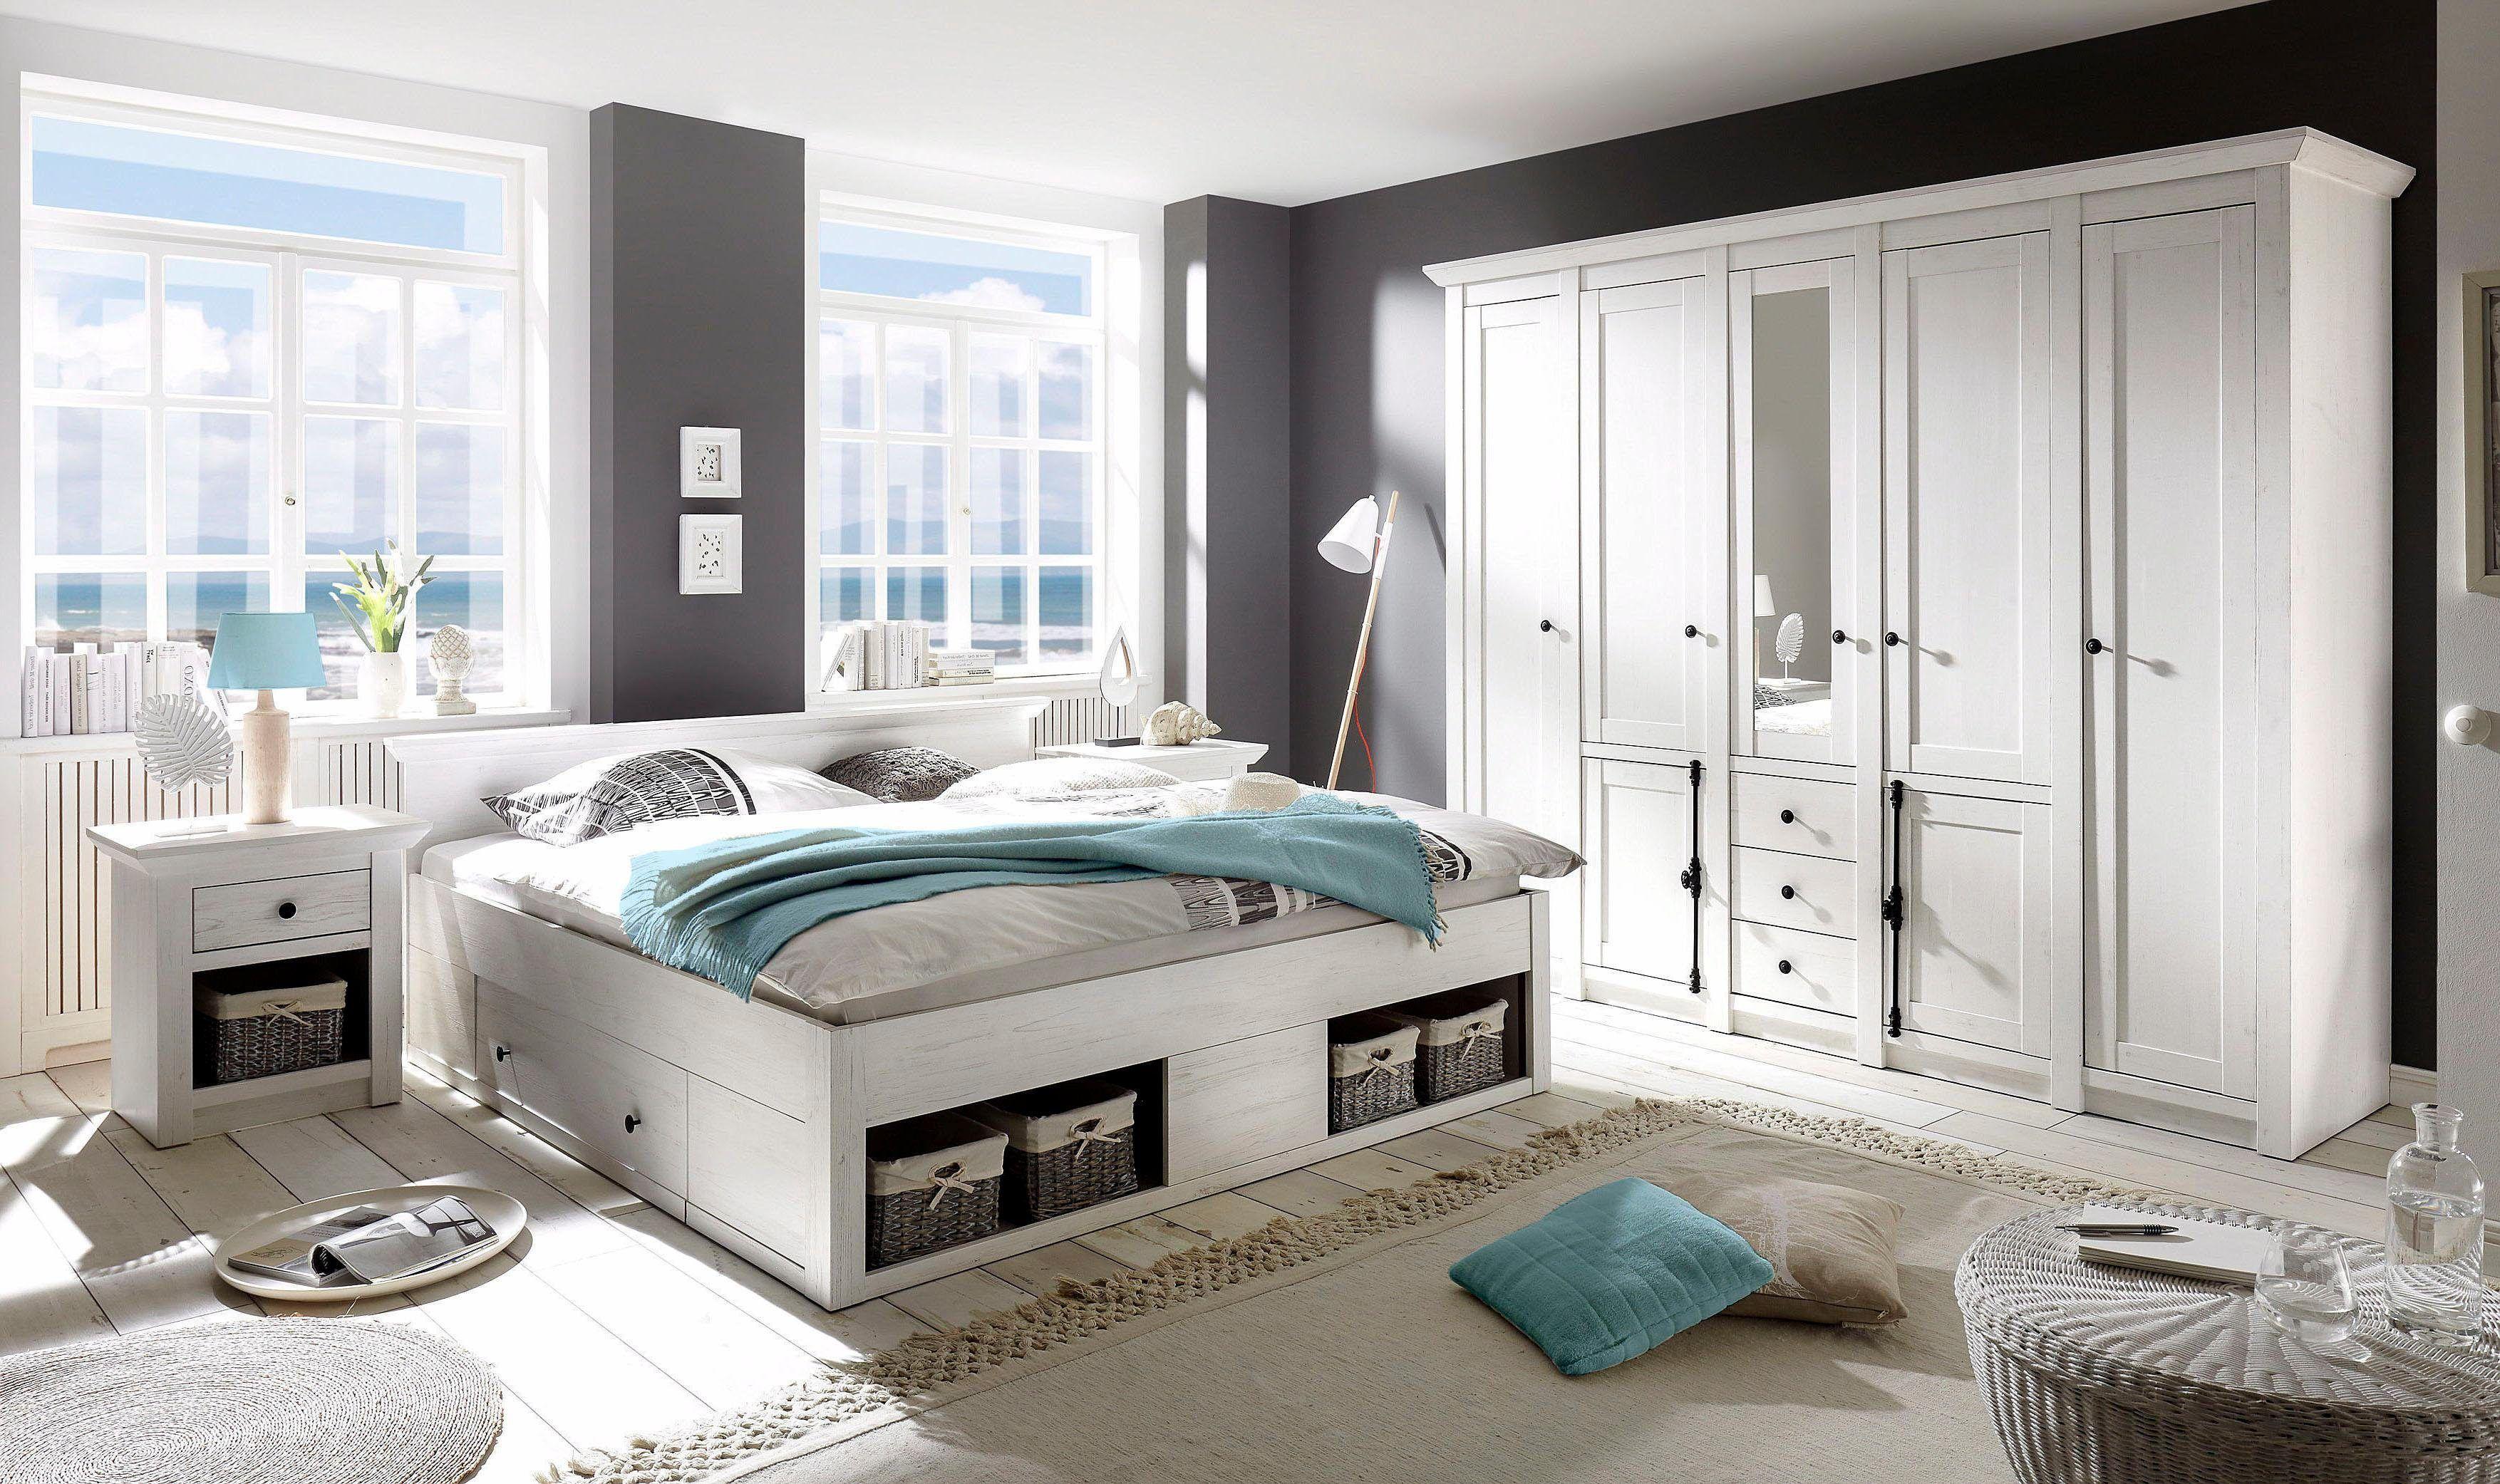 Home Affaire Schlafzimmer Set California Gross Bett 180 Cm 2 Nachttische 5 Trg Kleider Contemporary Home Furniture Apartment Design Master Bedroom Interior